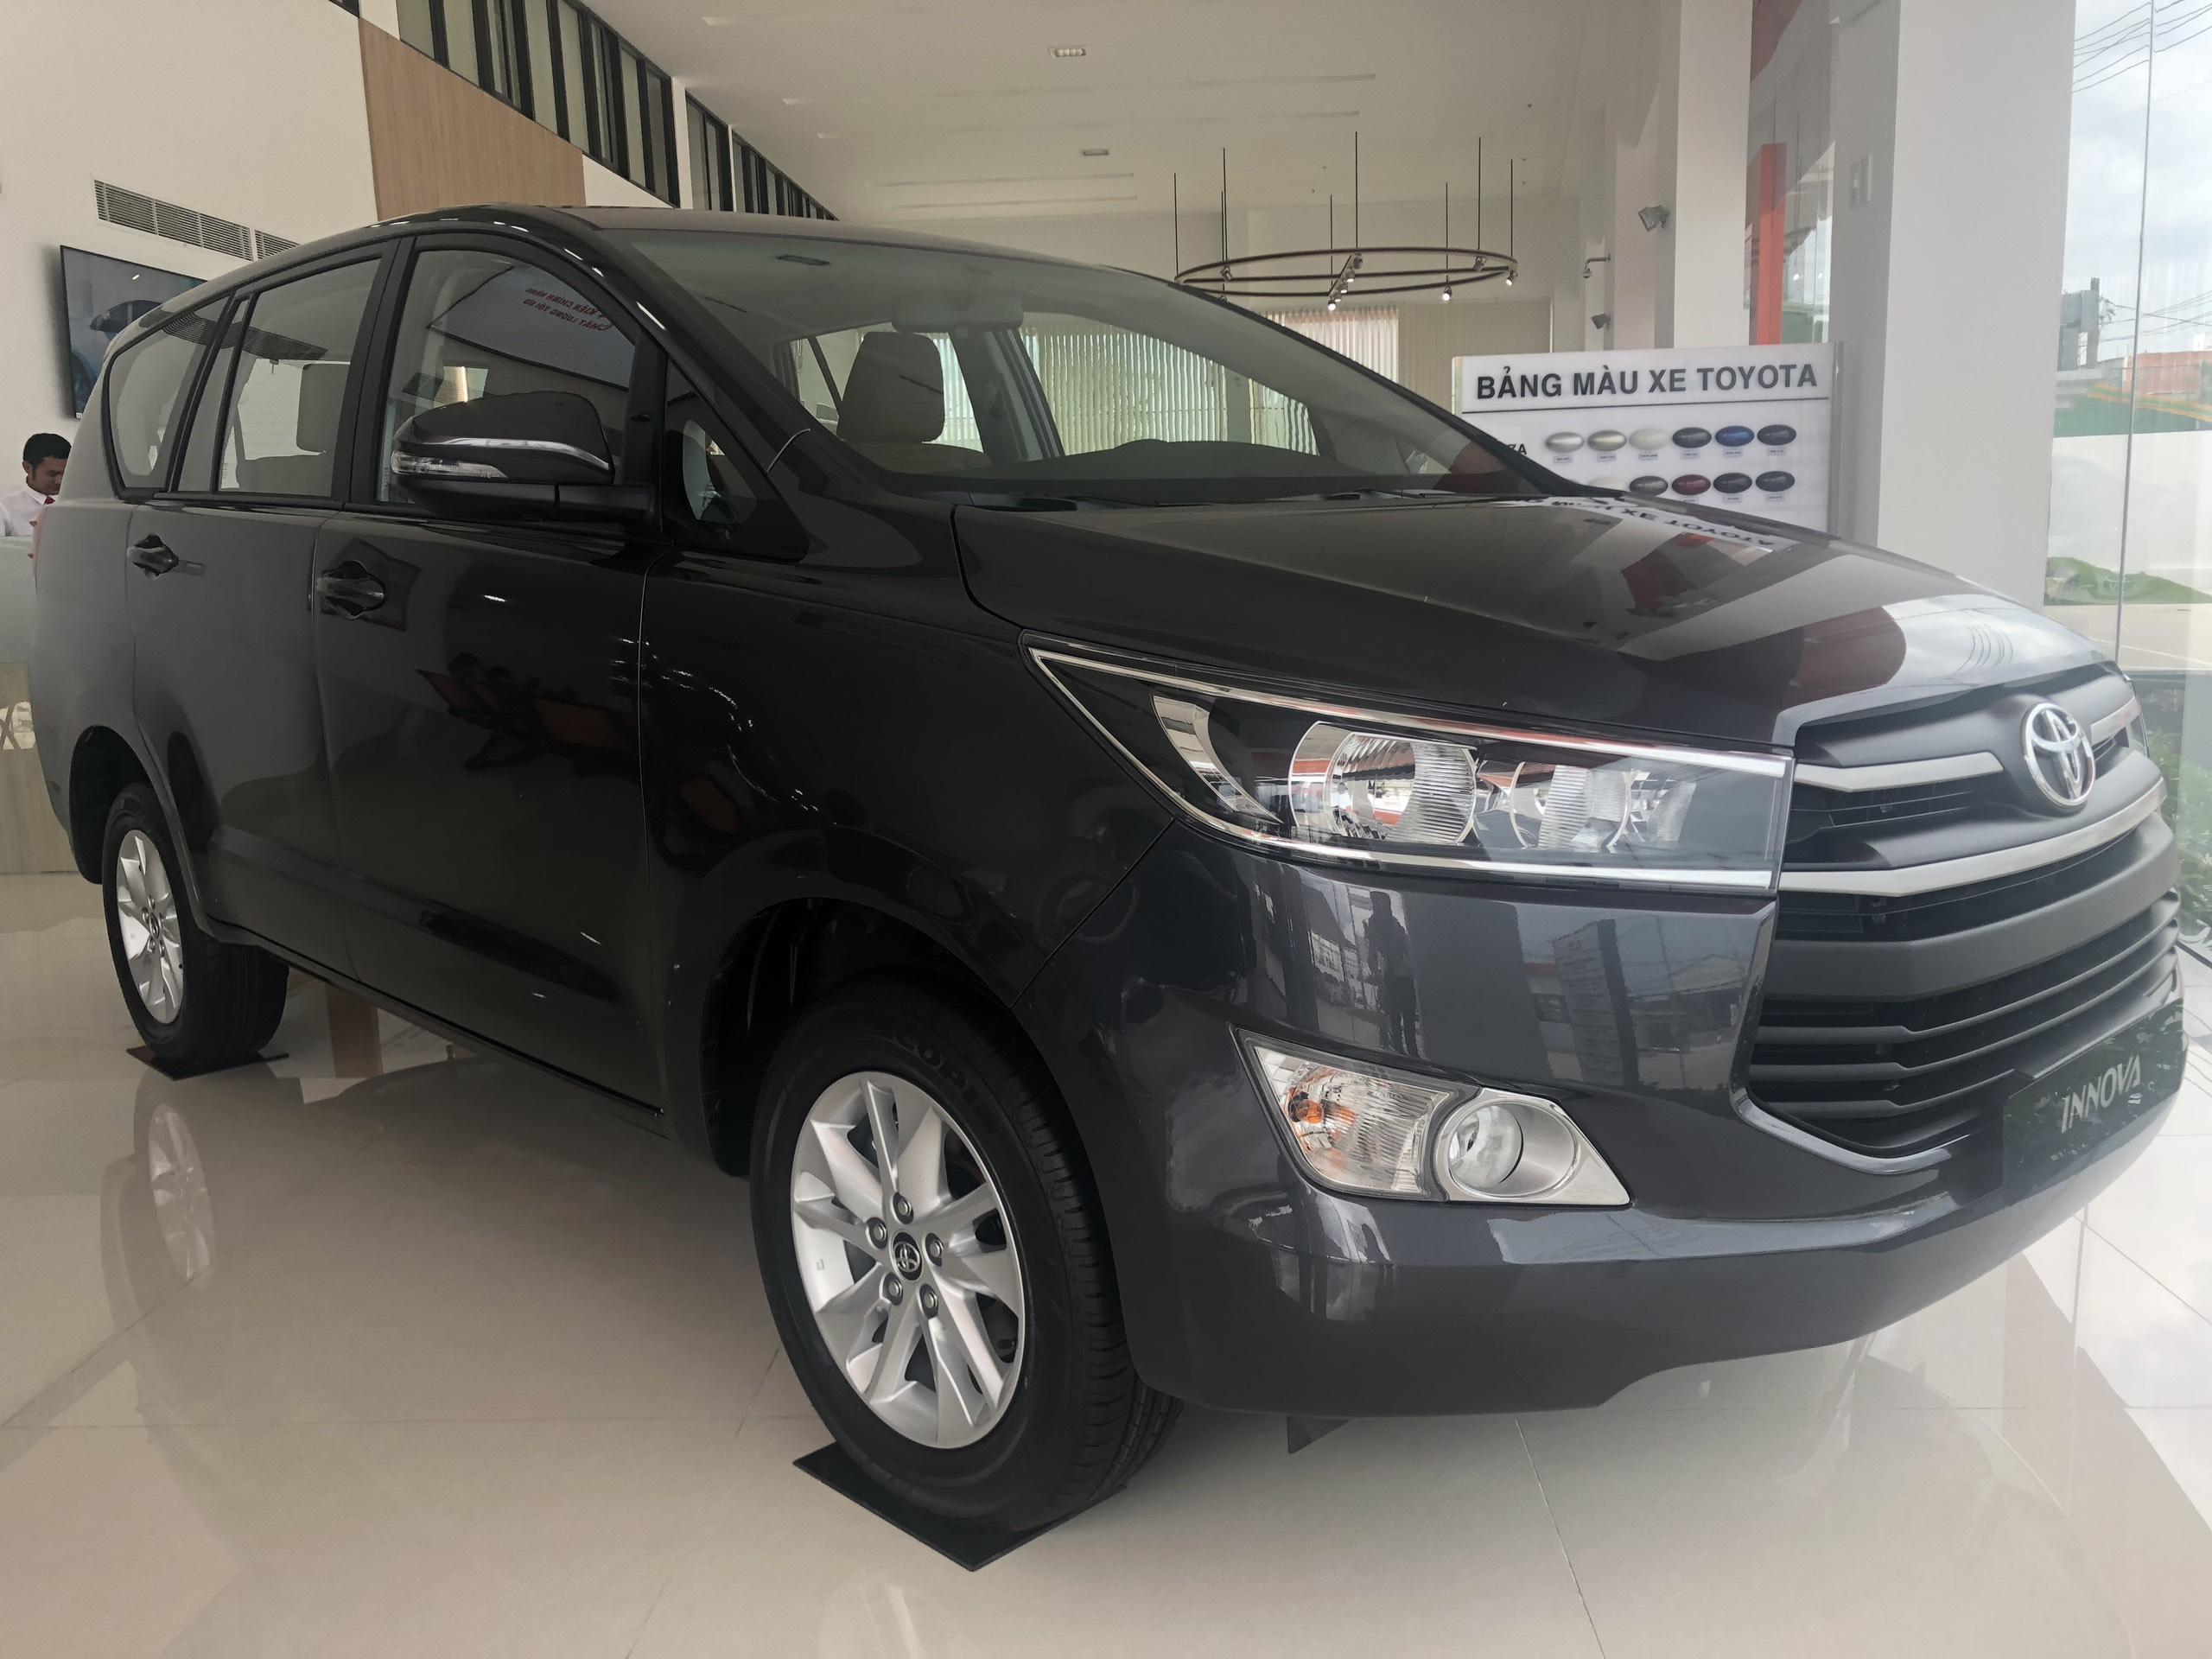 Báo Giá Mới Nhất Toyota Innova 2.0G, Giá Cực Tốt, Xe Có Sẳn, Hỗ Trợ Trả Góp, Giao Ngay